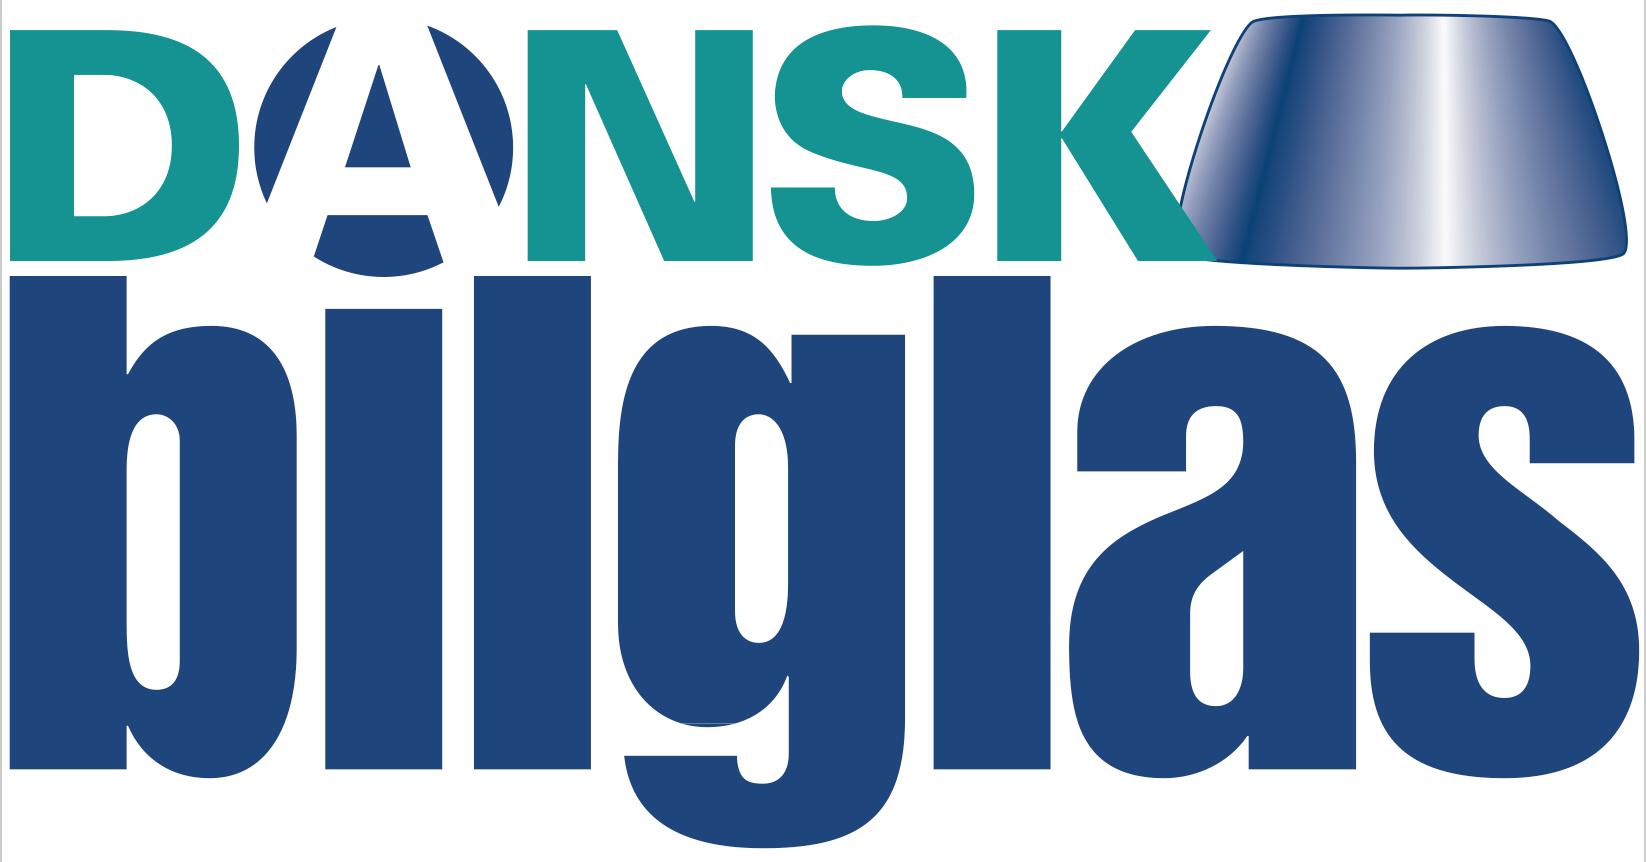 Dansk bilglas - Vanløse logo